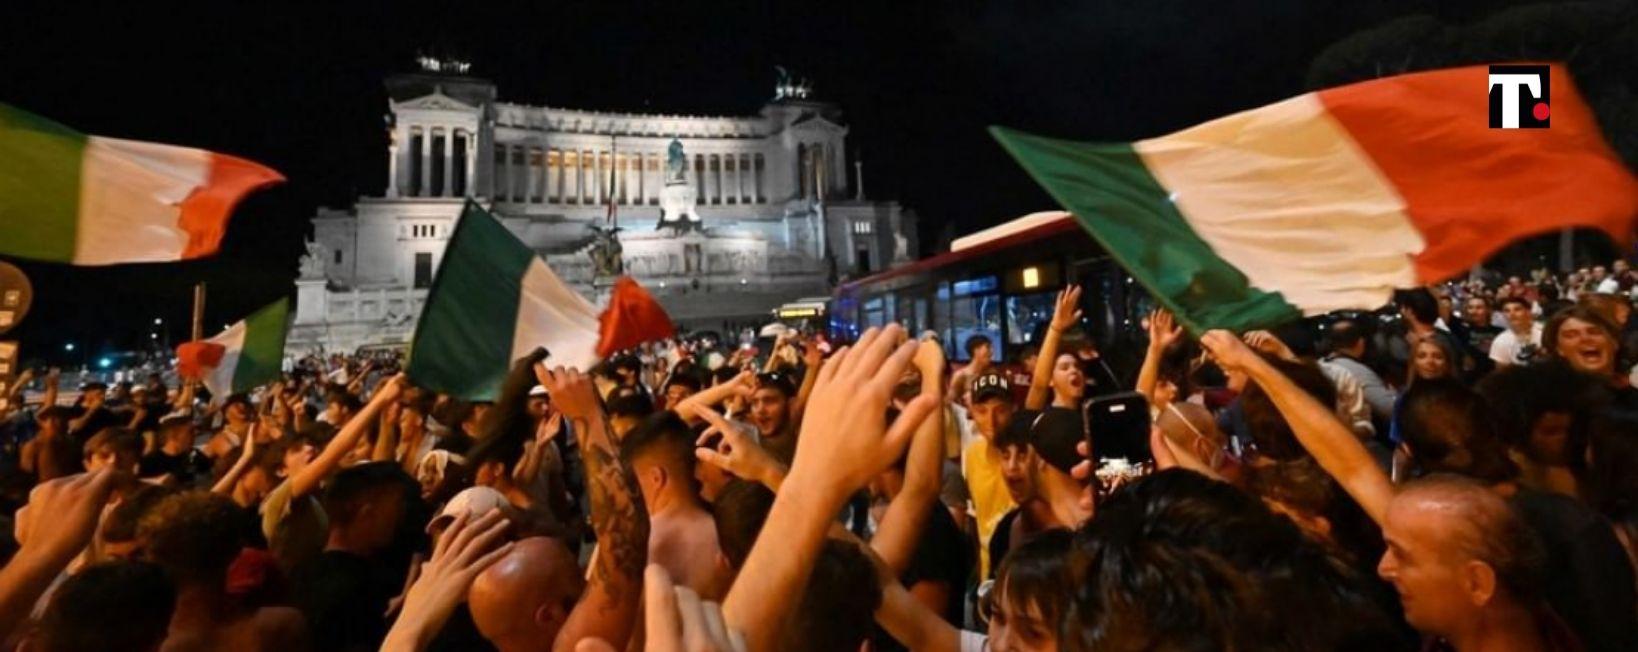 Finale Europei 2021 festeggiamenti